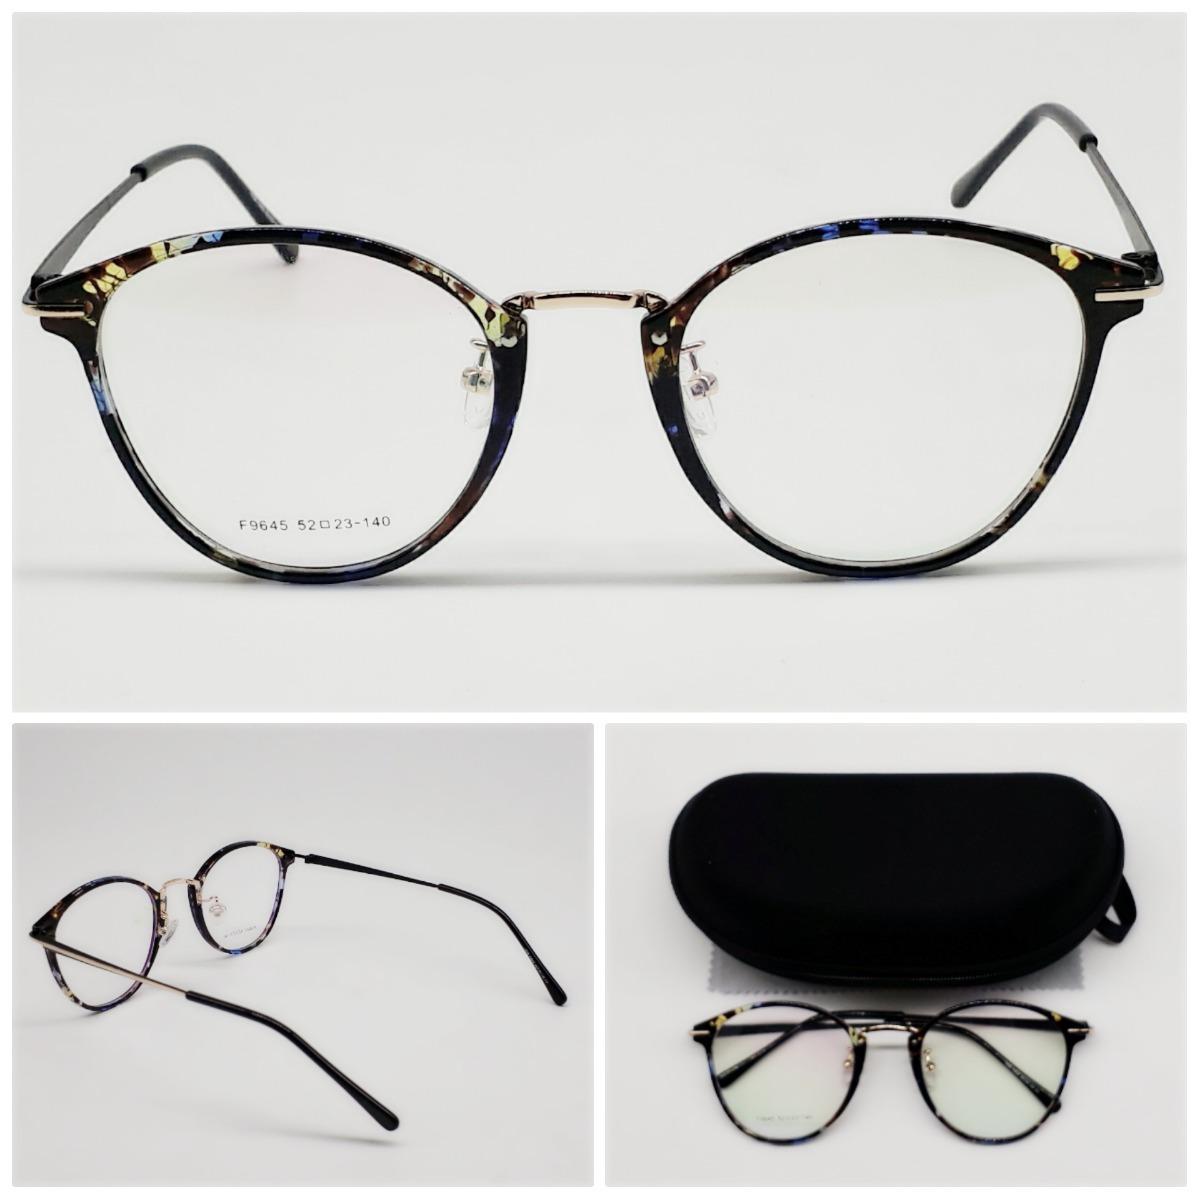 510a508f2c84a armação oculos grau feminino importado tr90 f9645 original. Carregando zoom.